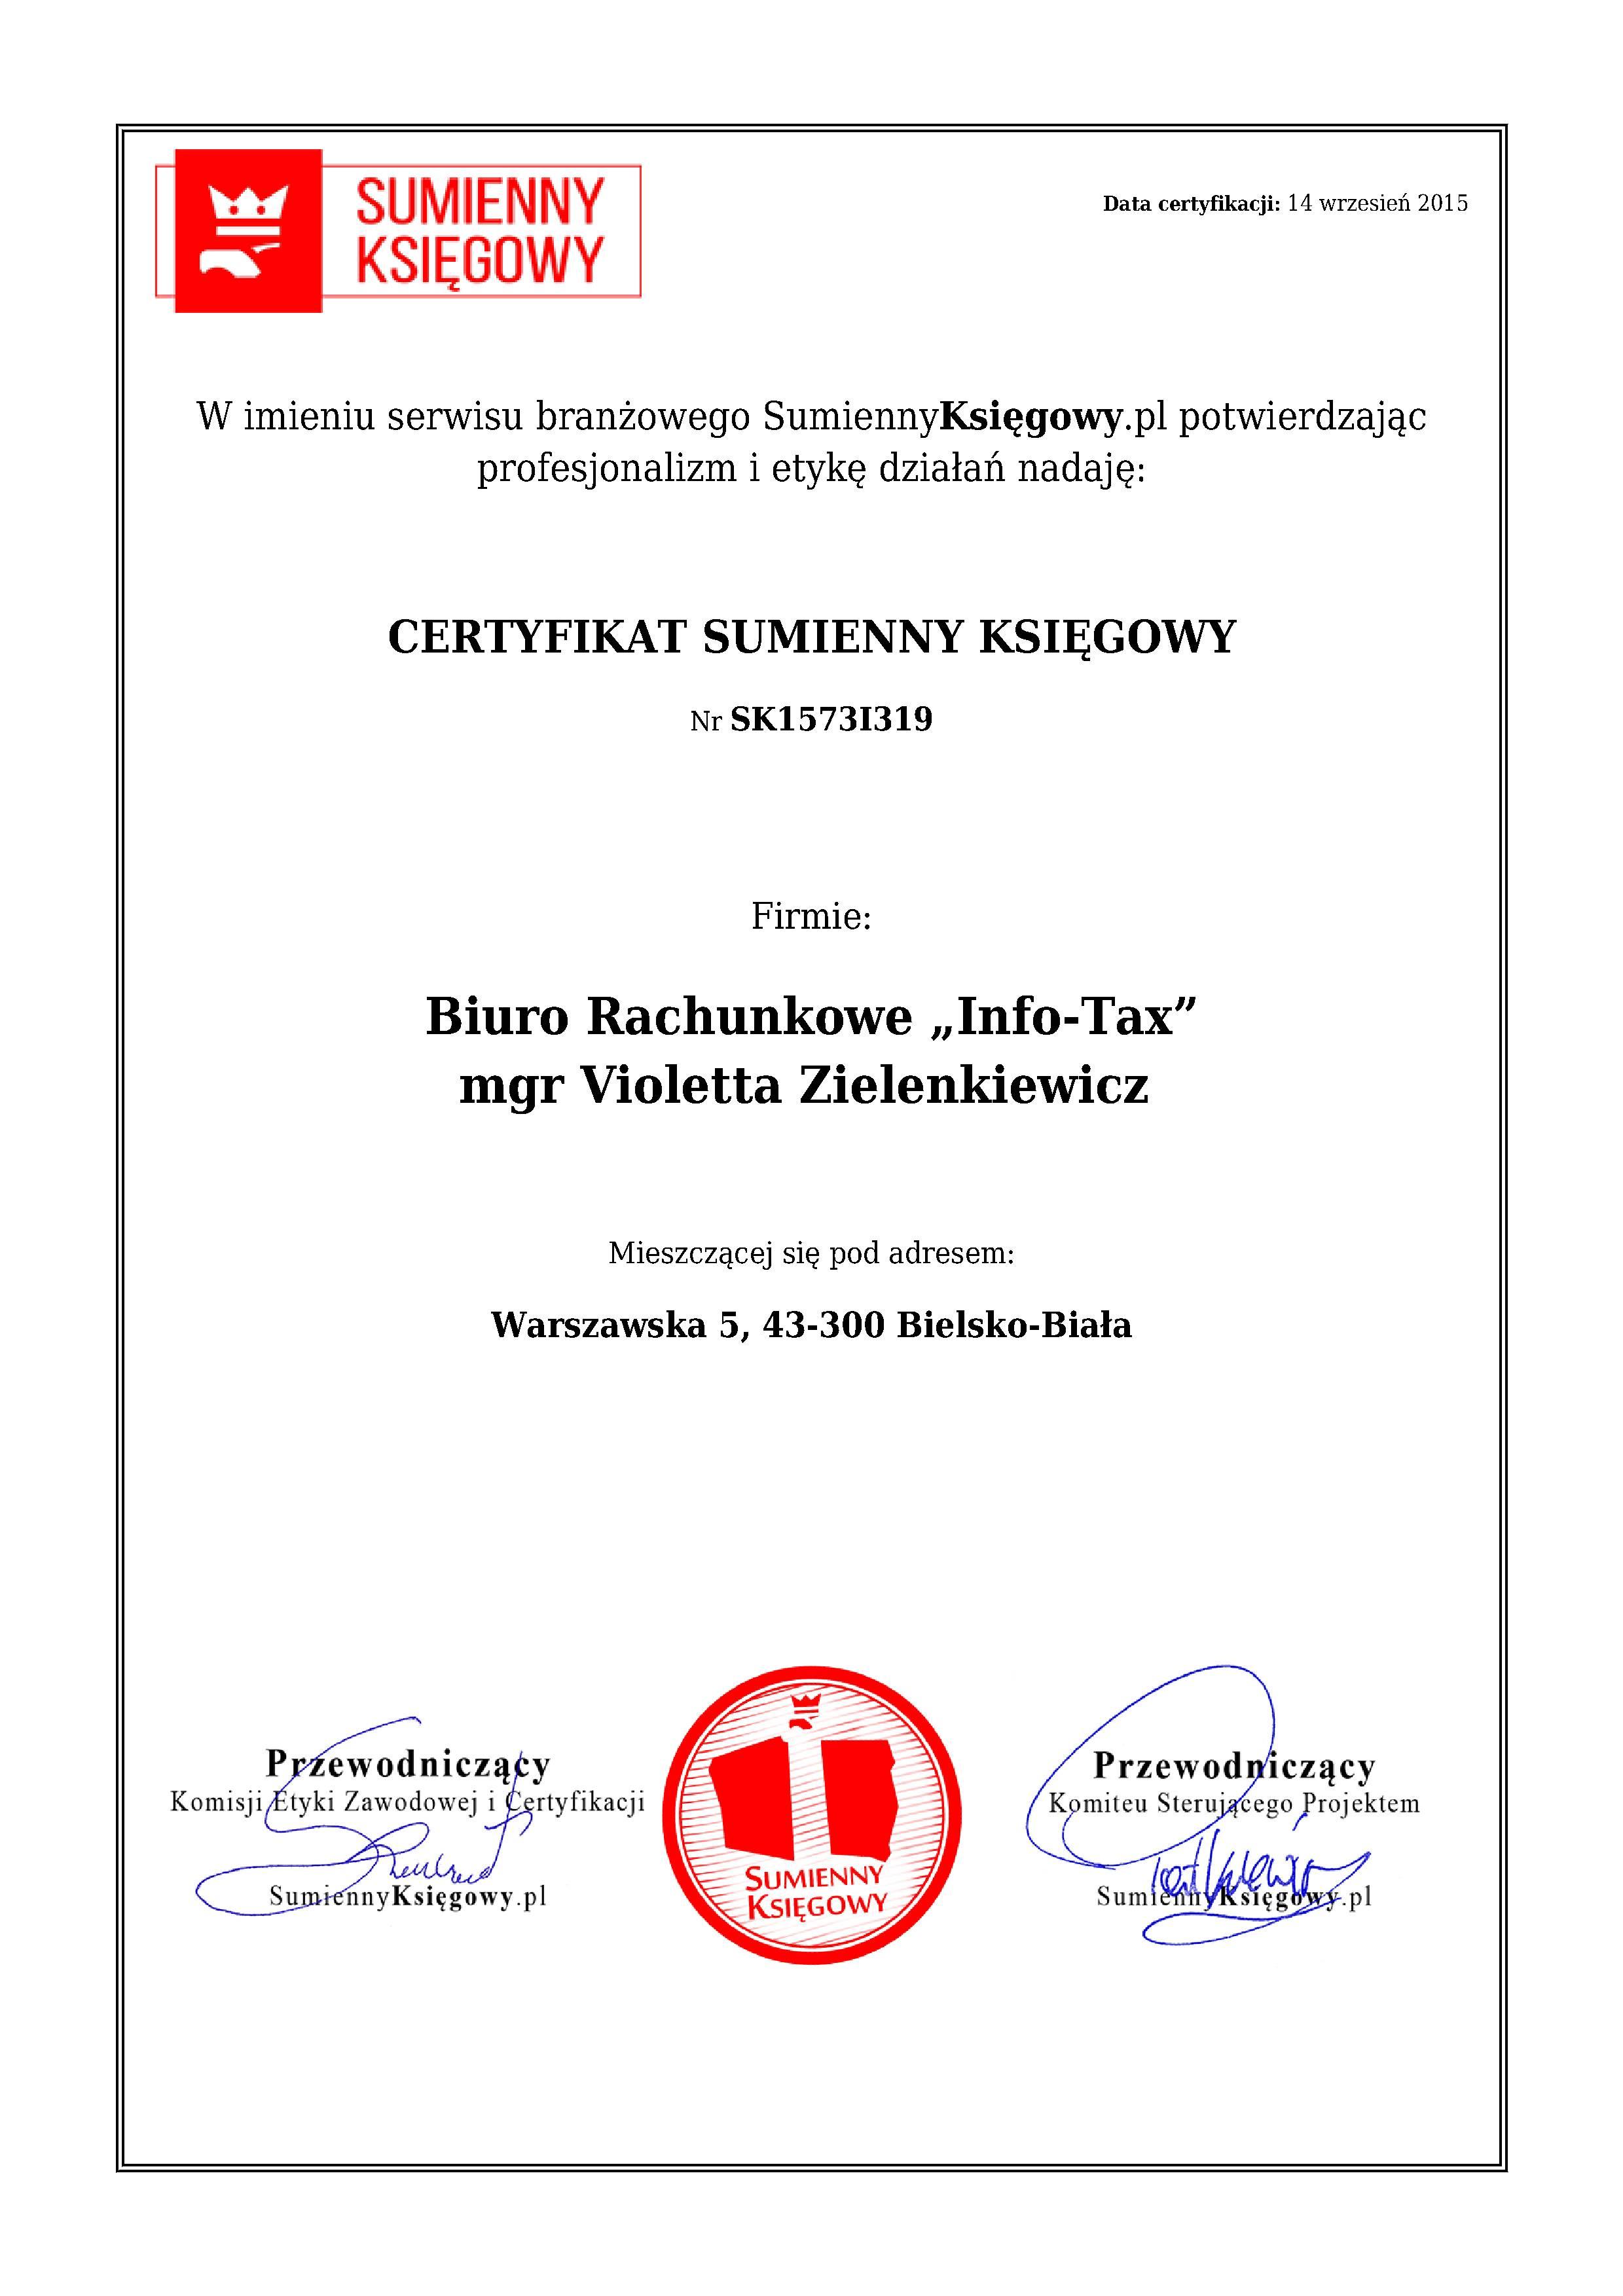 """Certyfikat Biuro Rachunkowe """"Info-Tax"""" mgr Violetta Zielenkiewicz"""